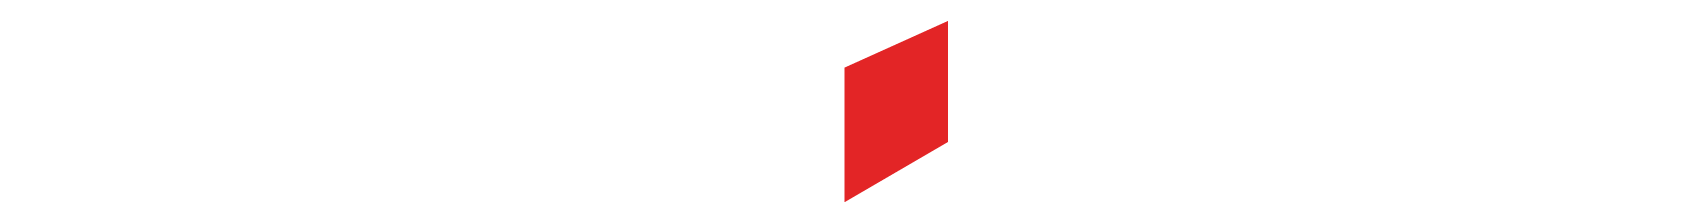 premier-dizajn-LOGO